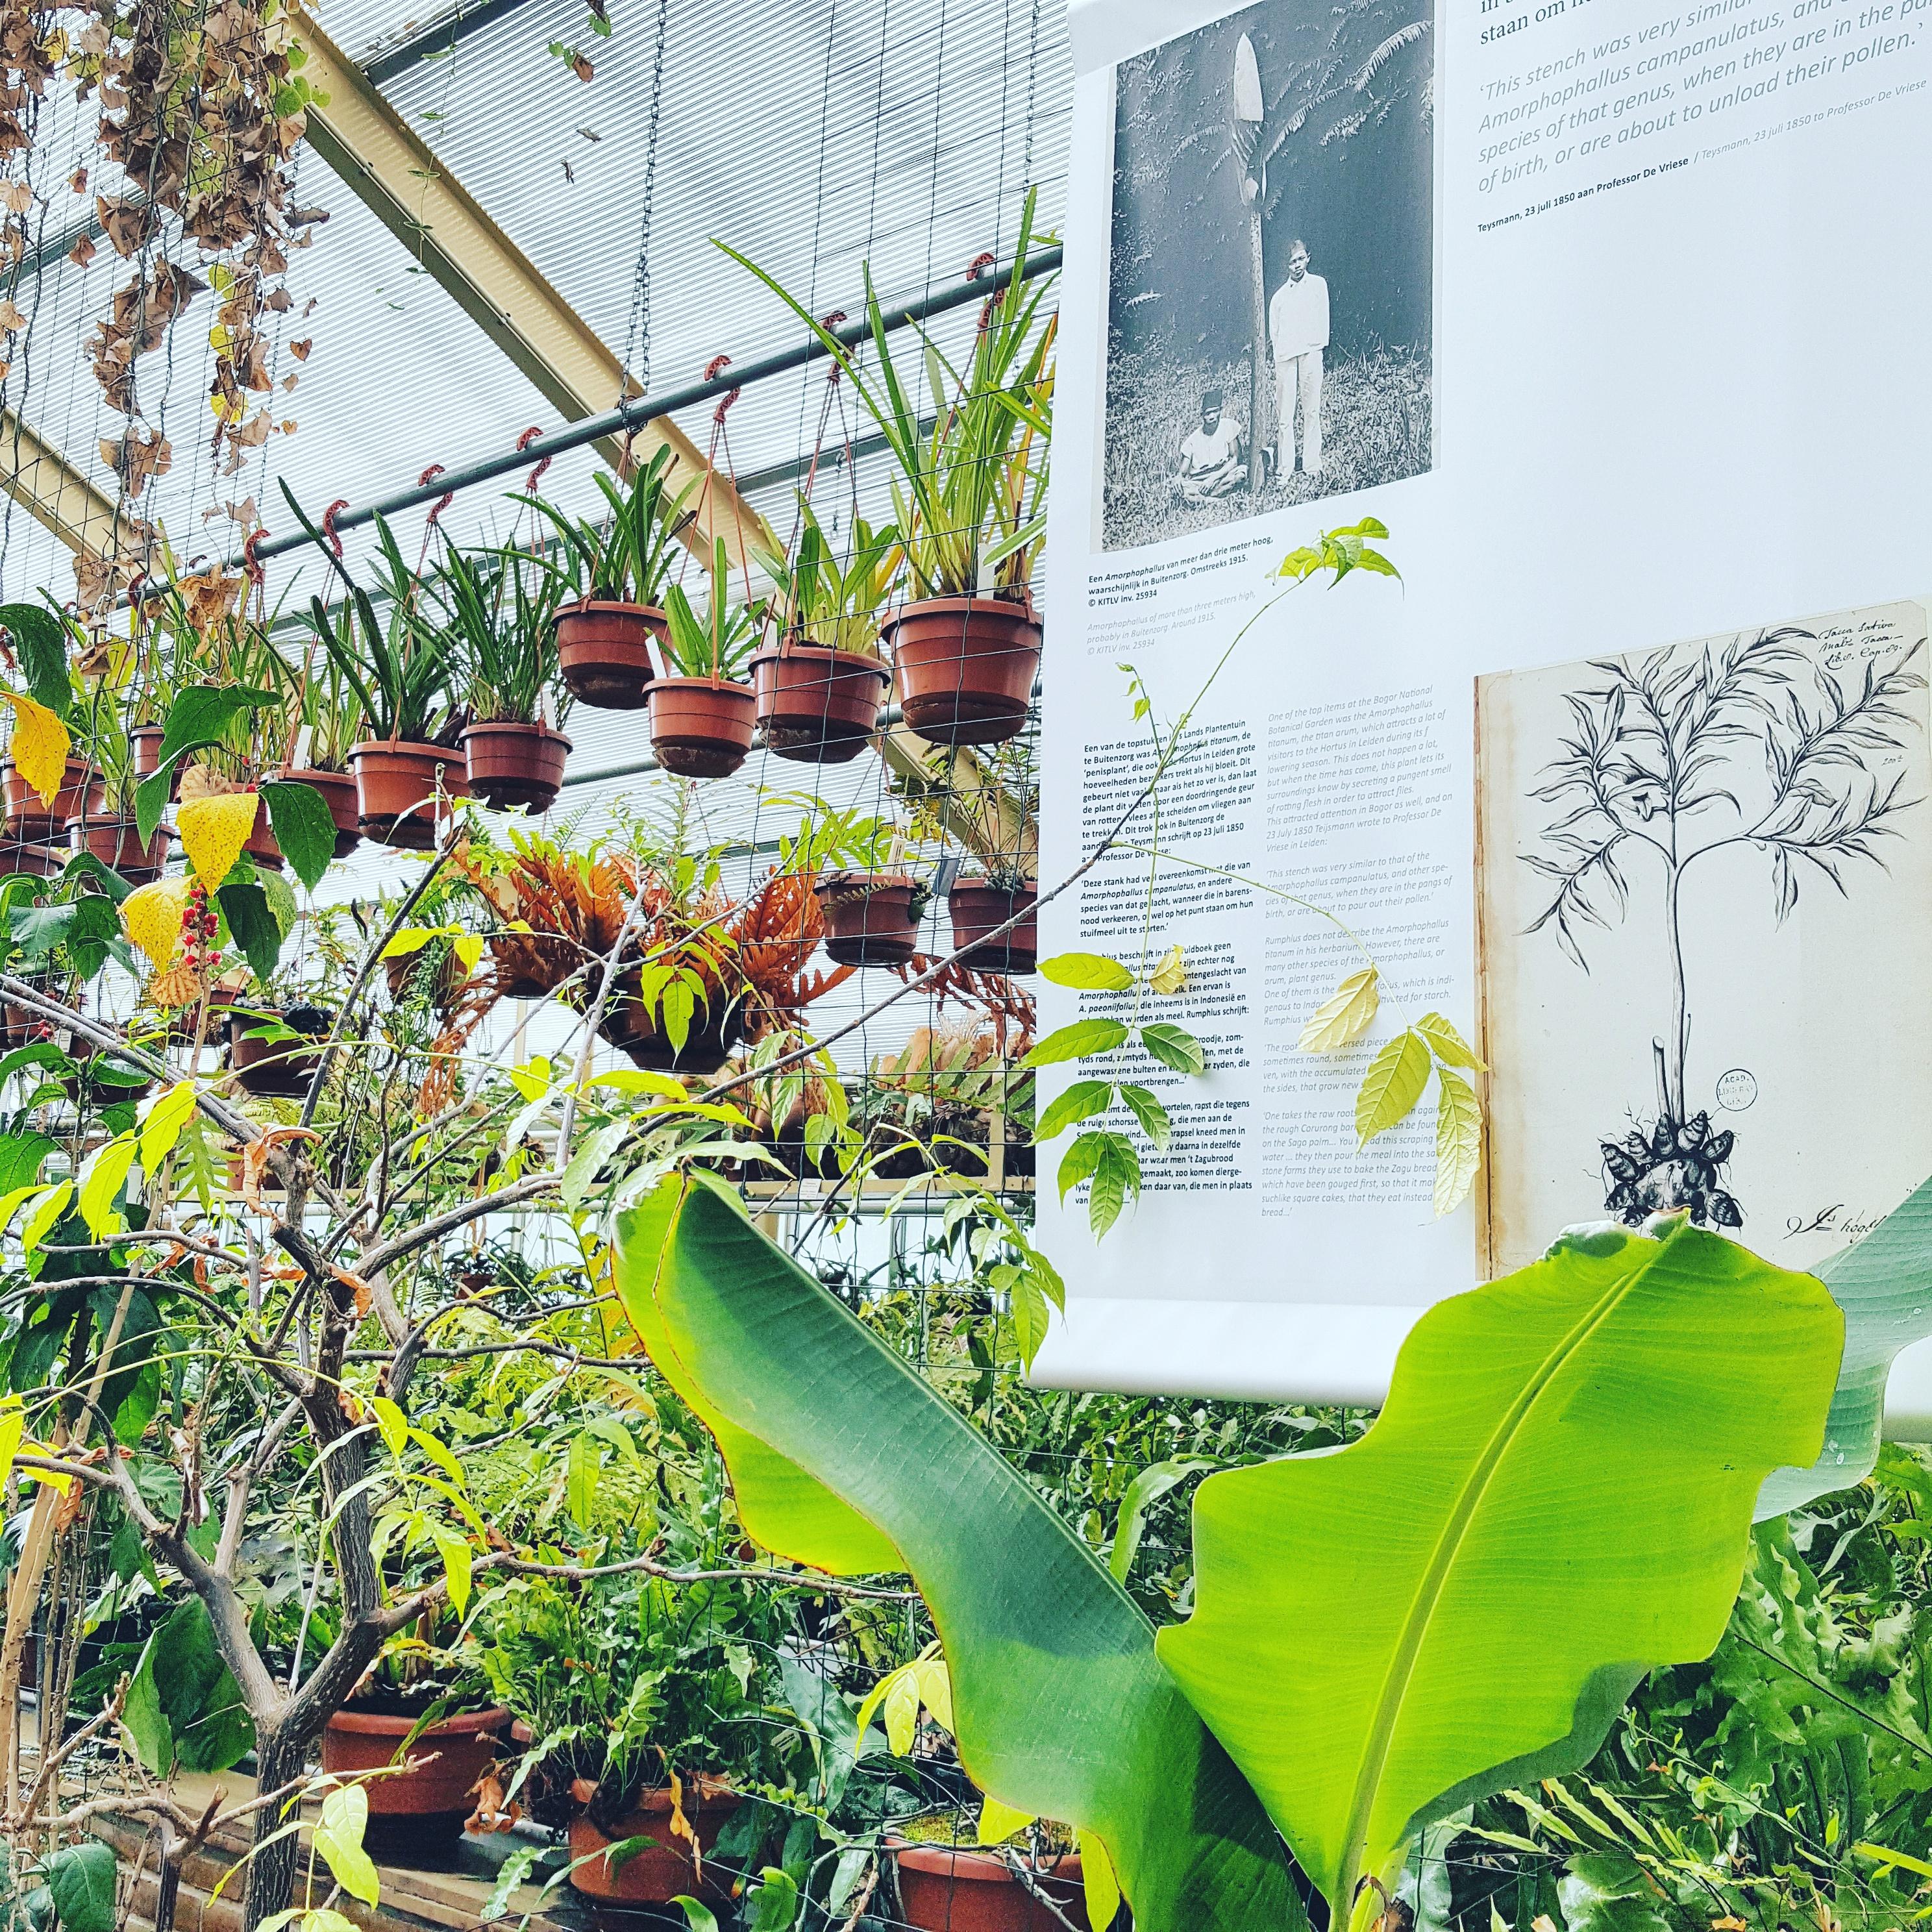 Hotspot: Hortus Botanicus in Leiden